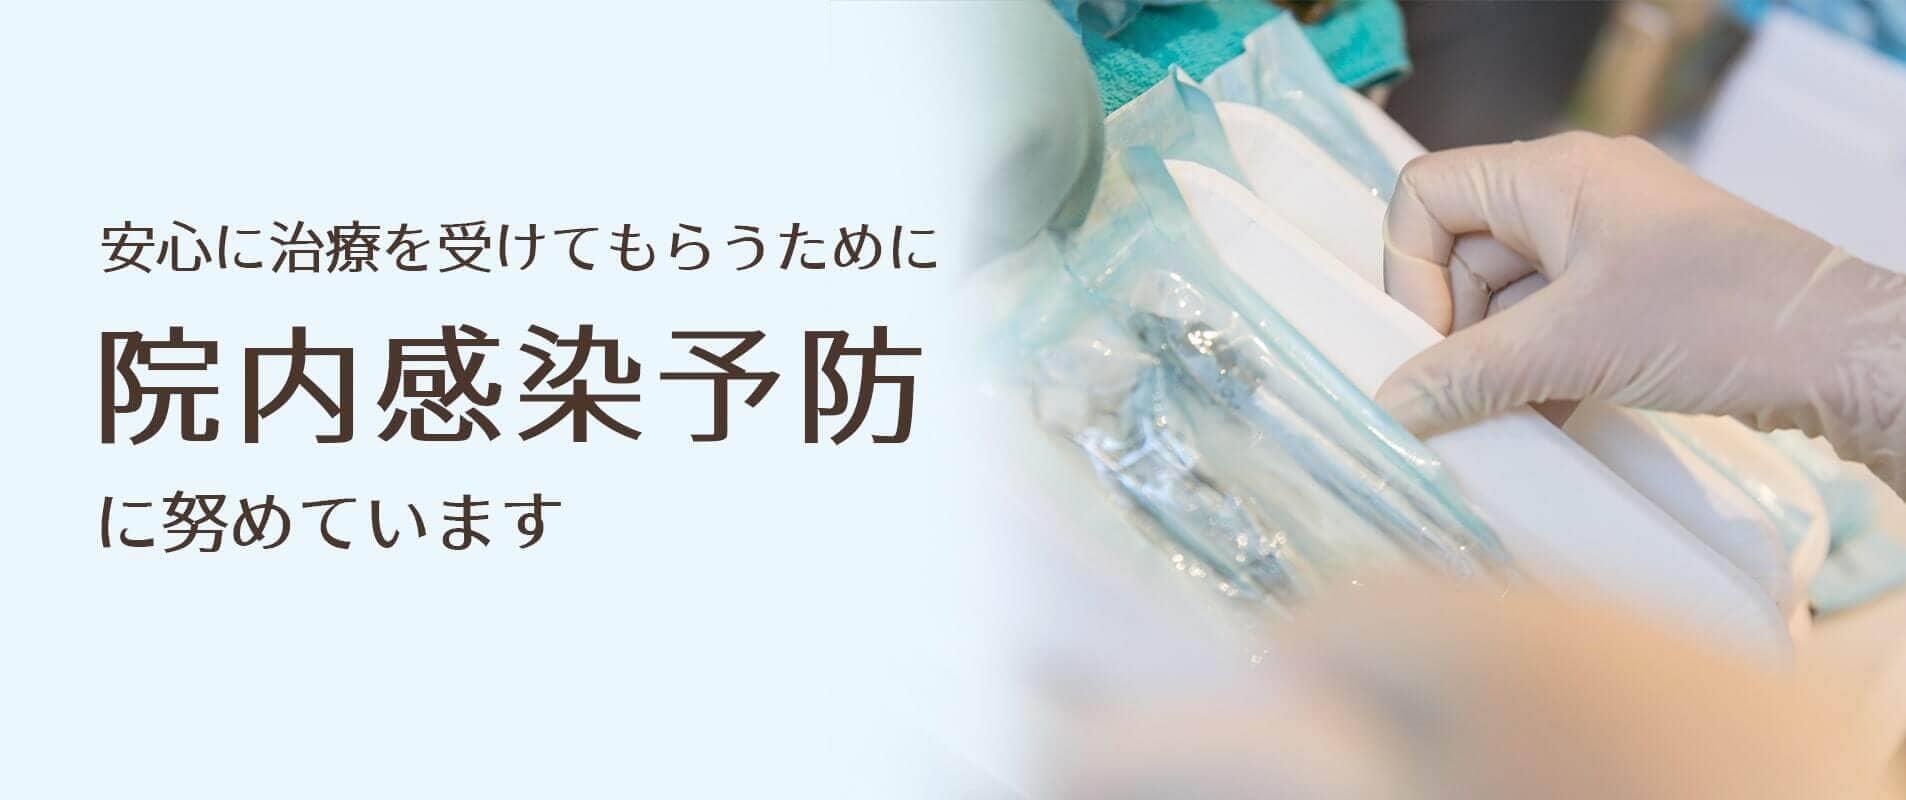 安心に治療を受けてもらうために院内感染予防に努めています